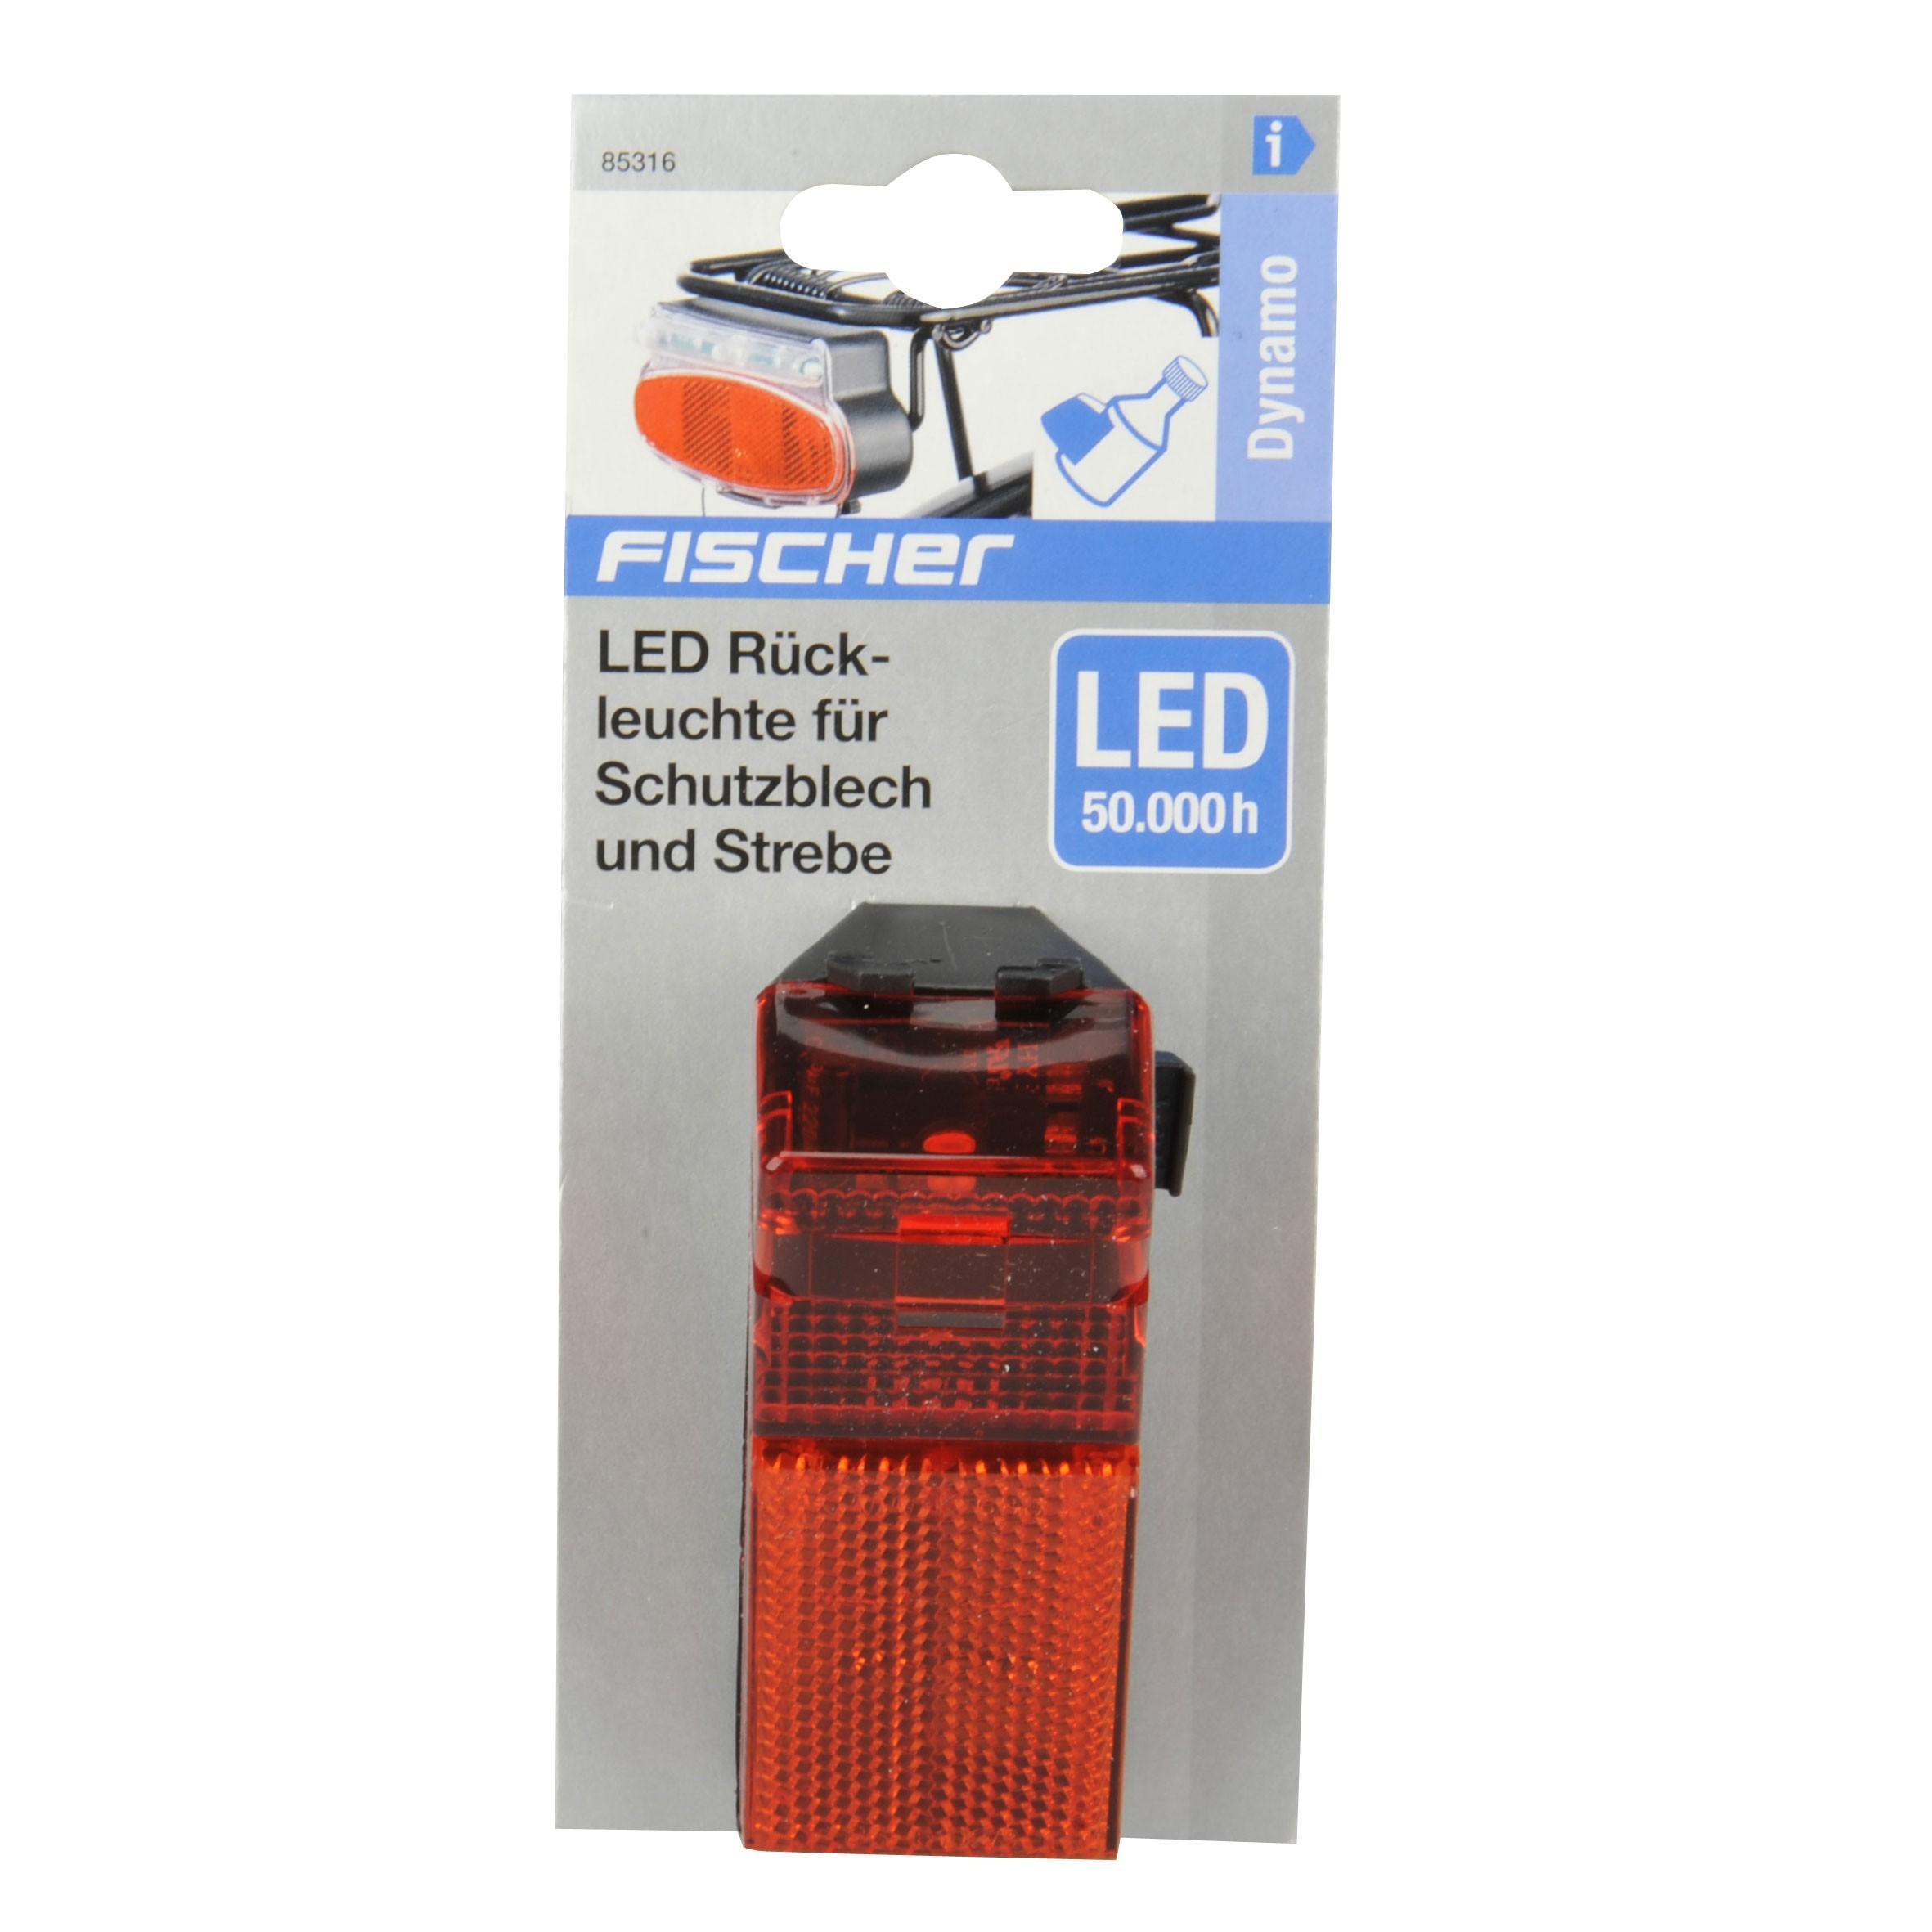 fischer fahrradbeleuchtung mit dynamo led r ckleuchte mit reflektor bei. Black Bedroom Furniture Sets. Home Design Ideas